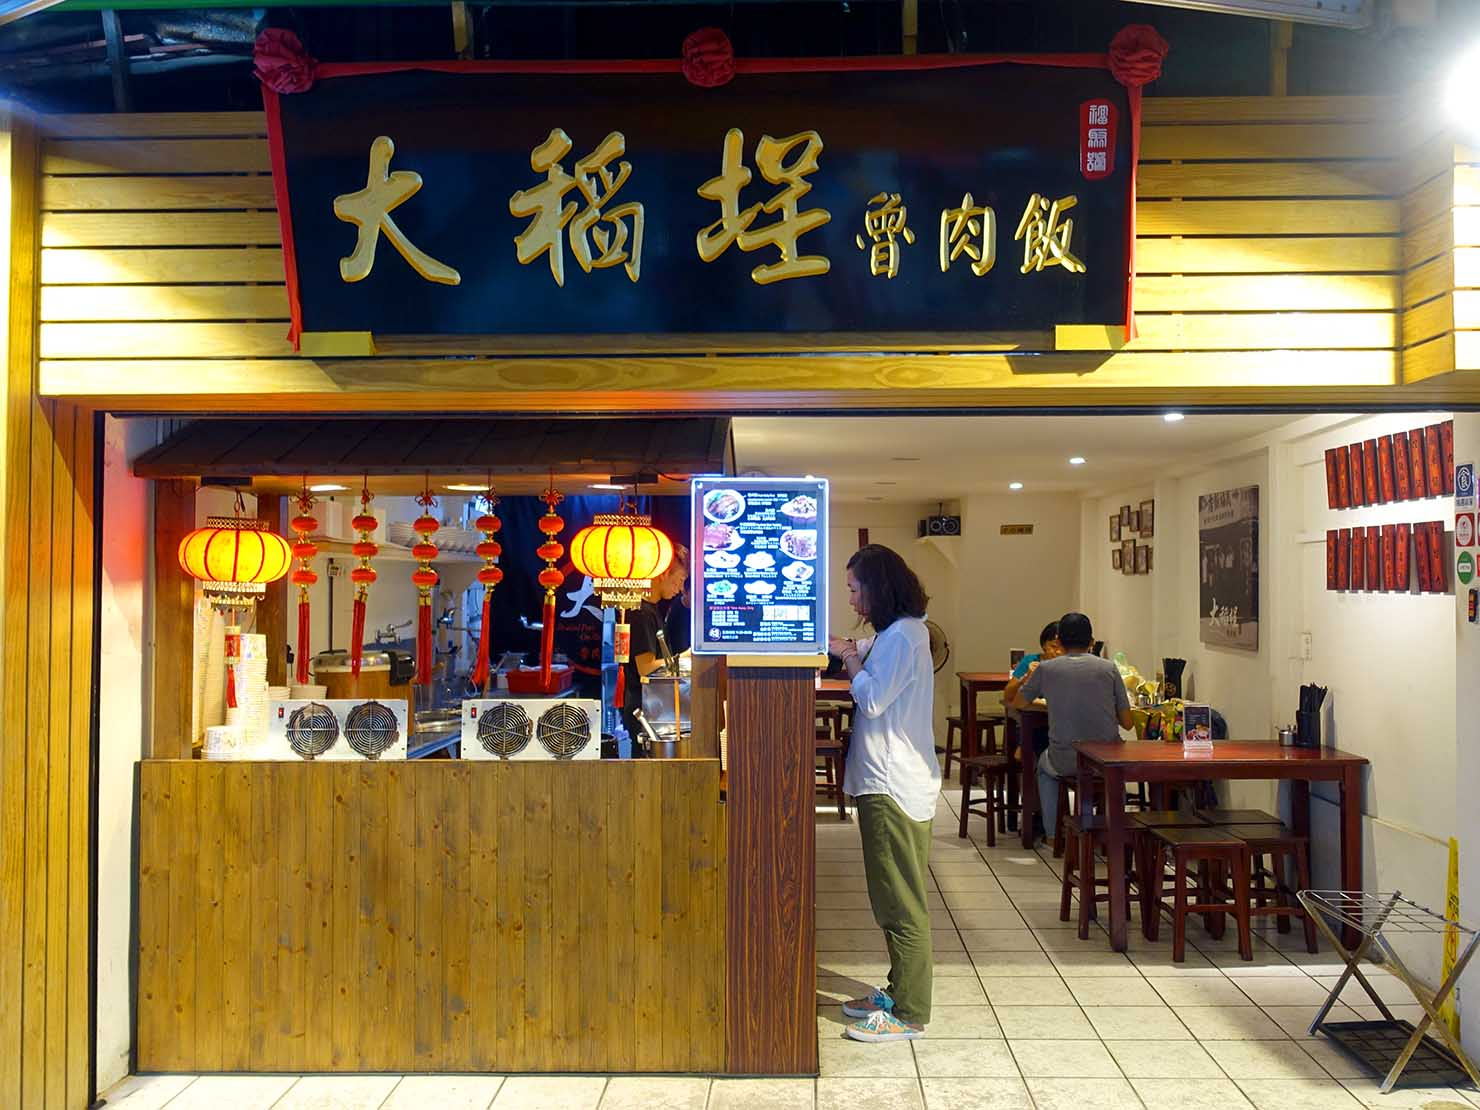 台北駅裏エリア(後站)のおすすめグルメ店「大稻埕魯肉飯」の外観